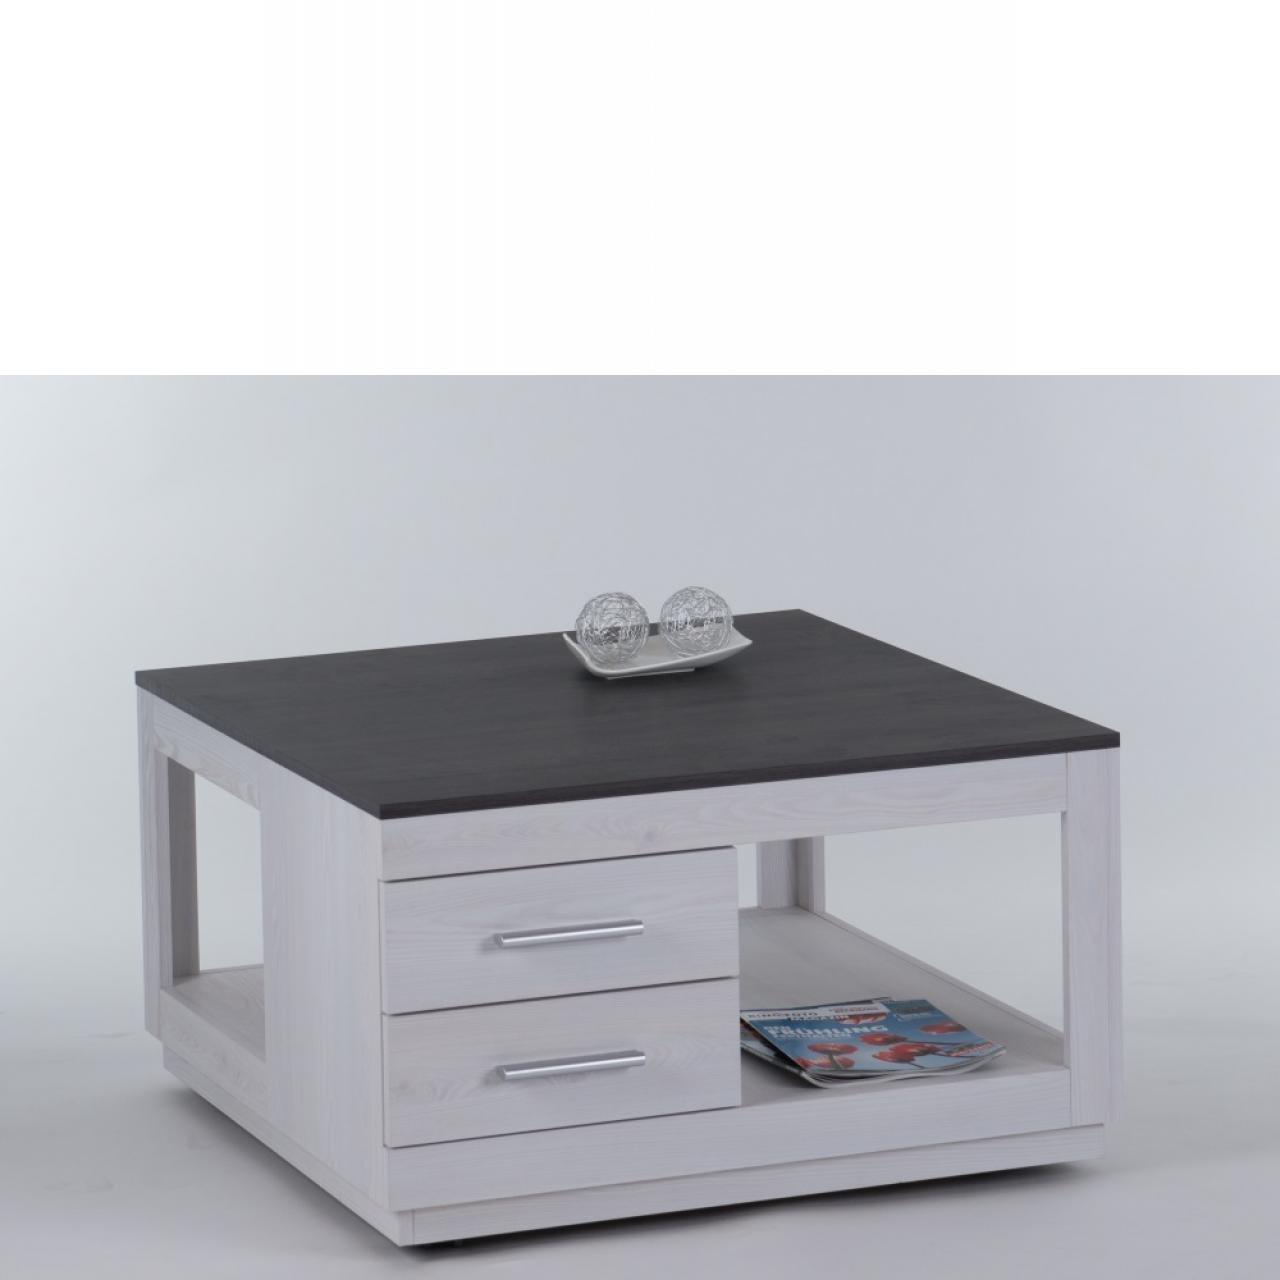 Priya 13011  Couchtische  Wohnzimmermöbel  Wohnen